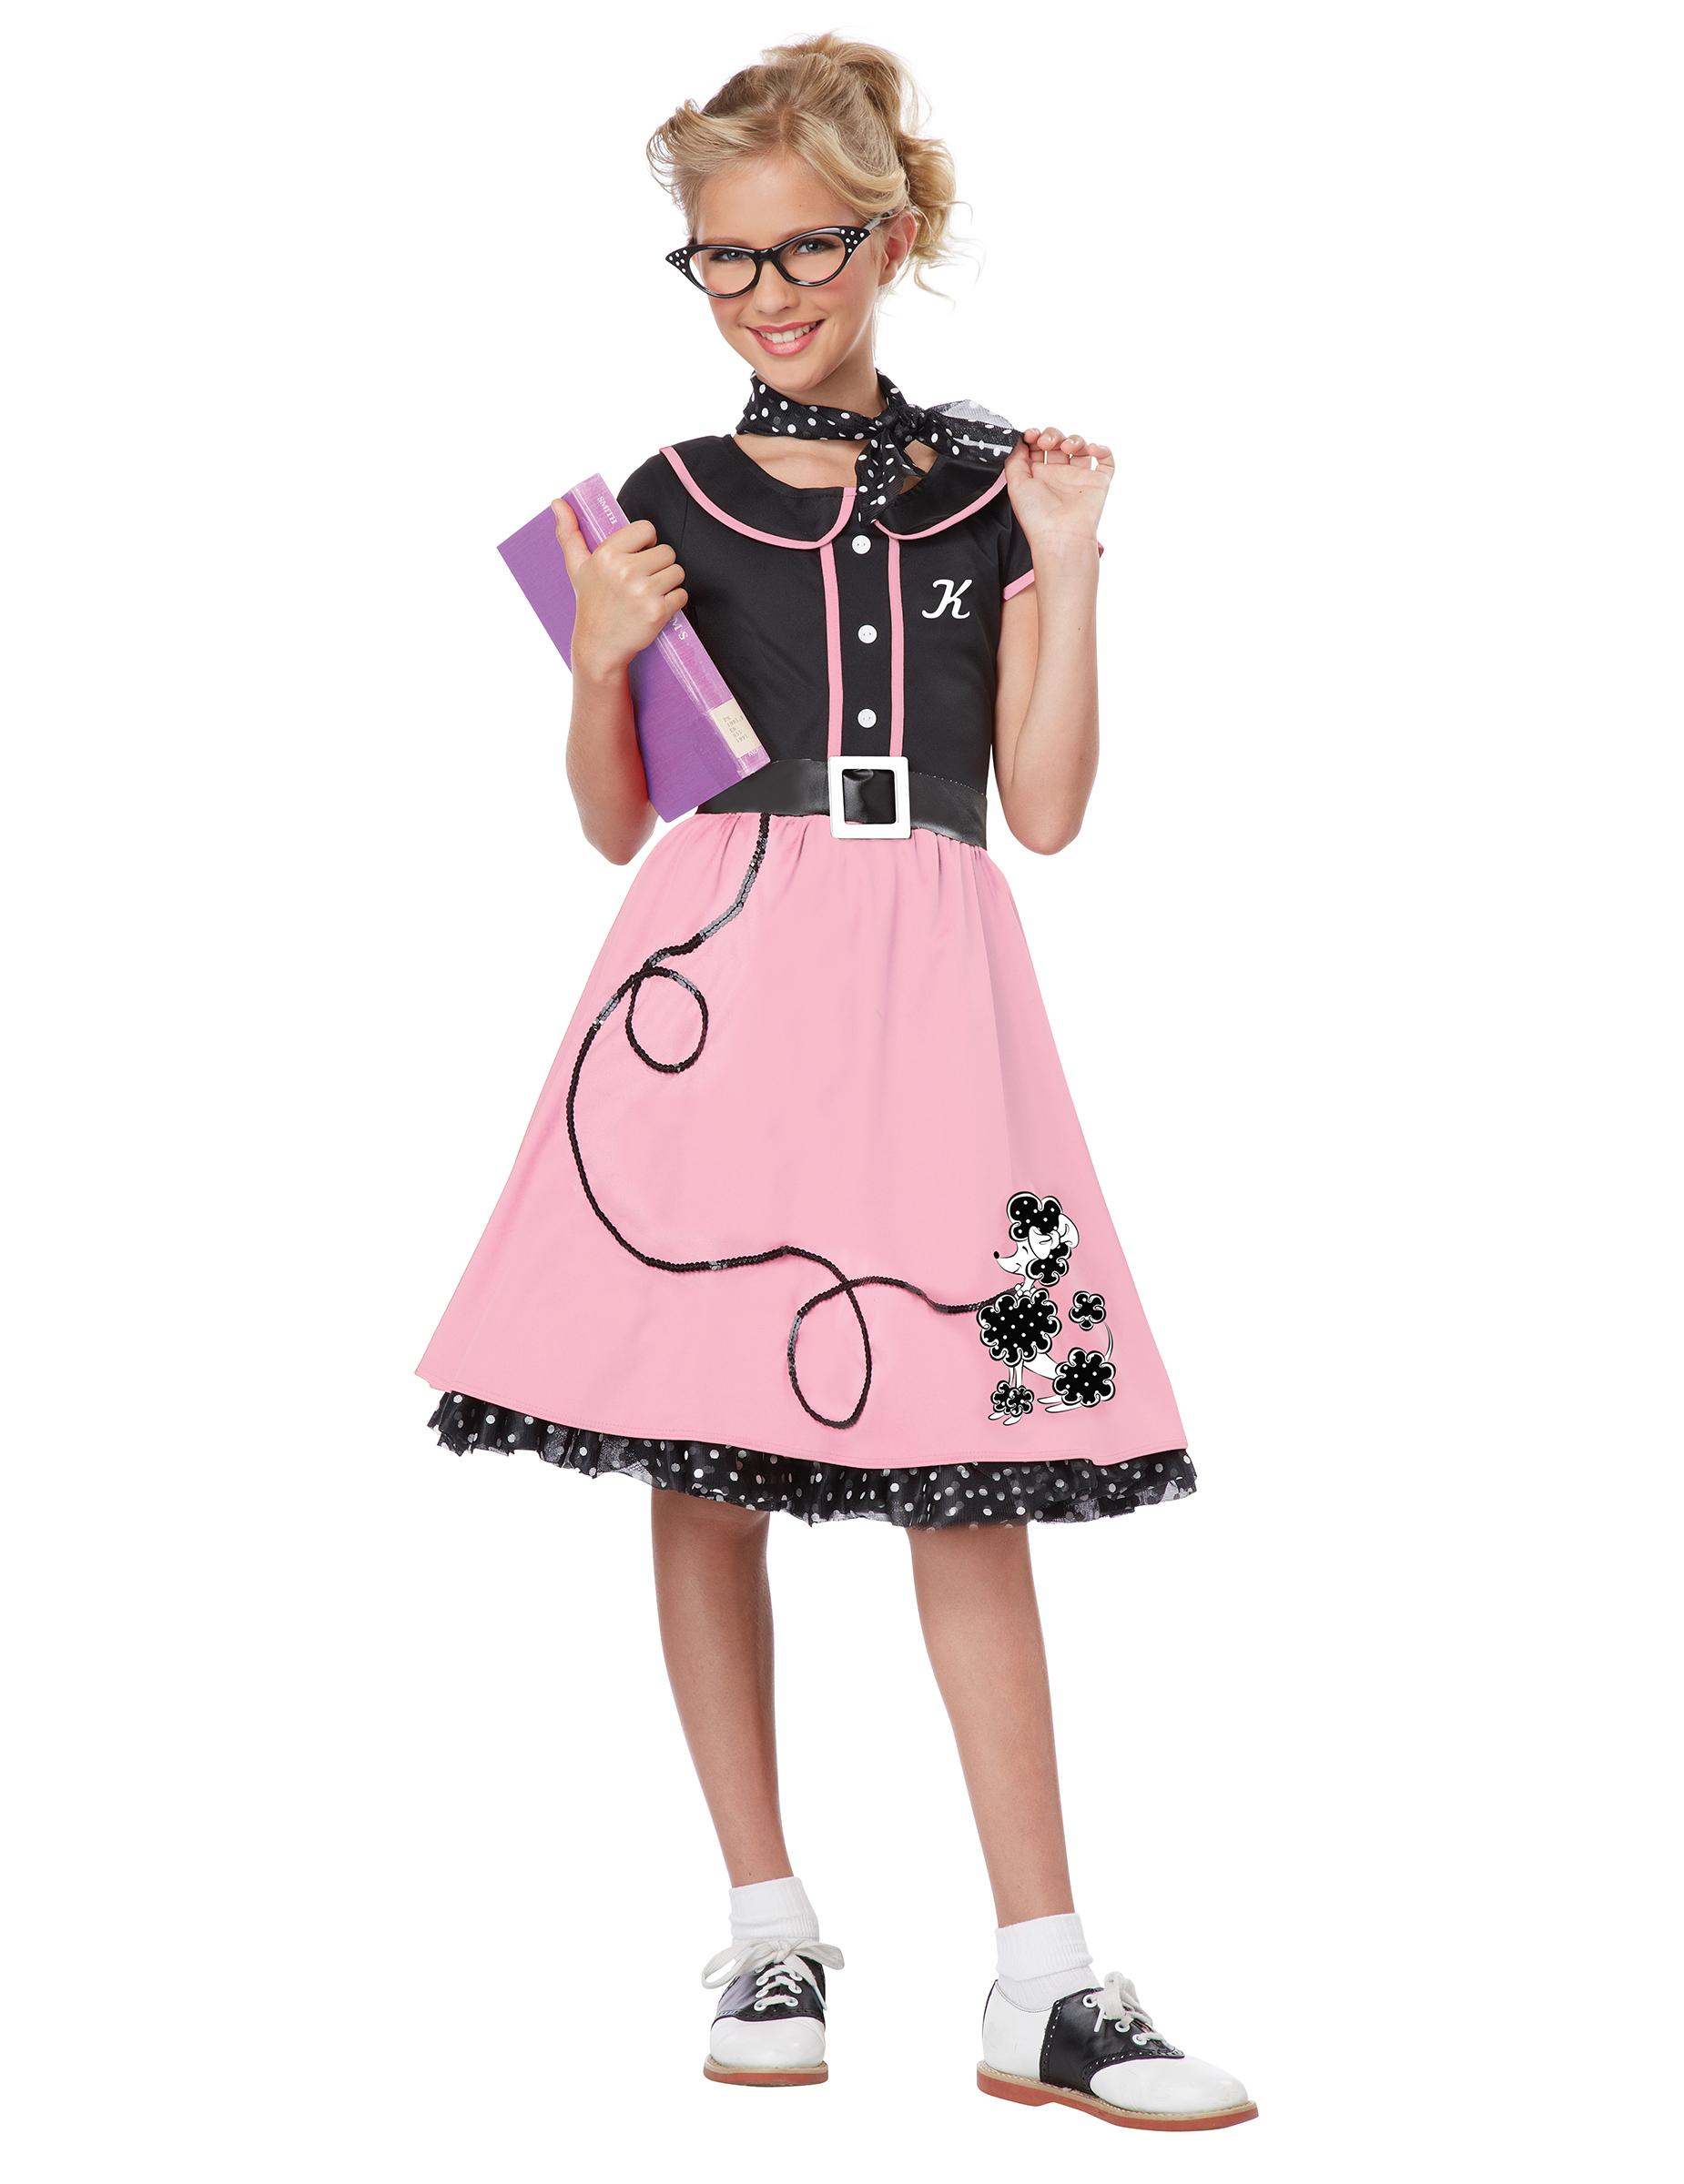 99a65bc8b2d25 Costume Anni  50 rosa e nero per bambina  Costumi bambini